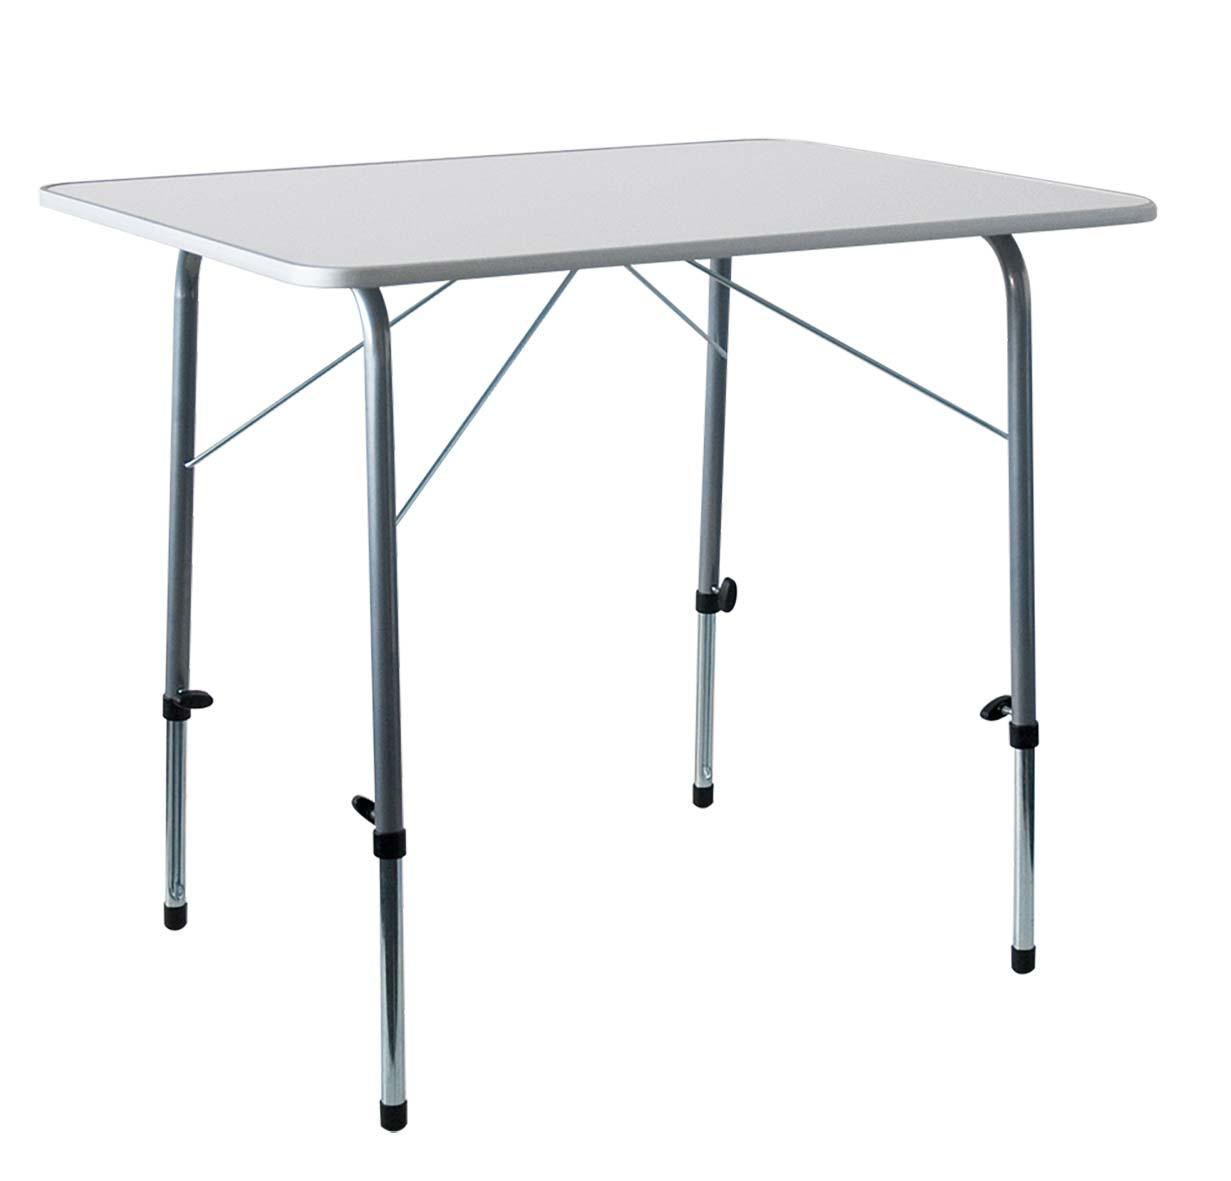 campingtisch klappbar stahl 120x60x50 70cm wei bei. Black Bedroom Furniture Sets. Home Design Ideas